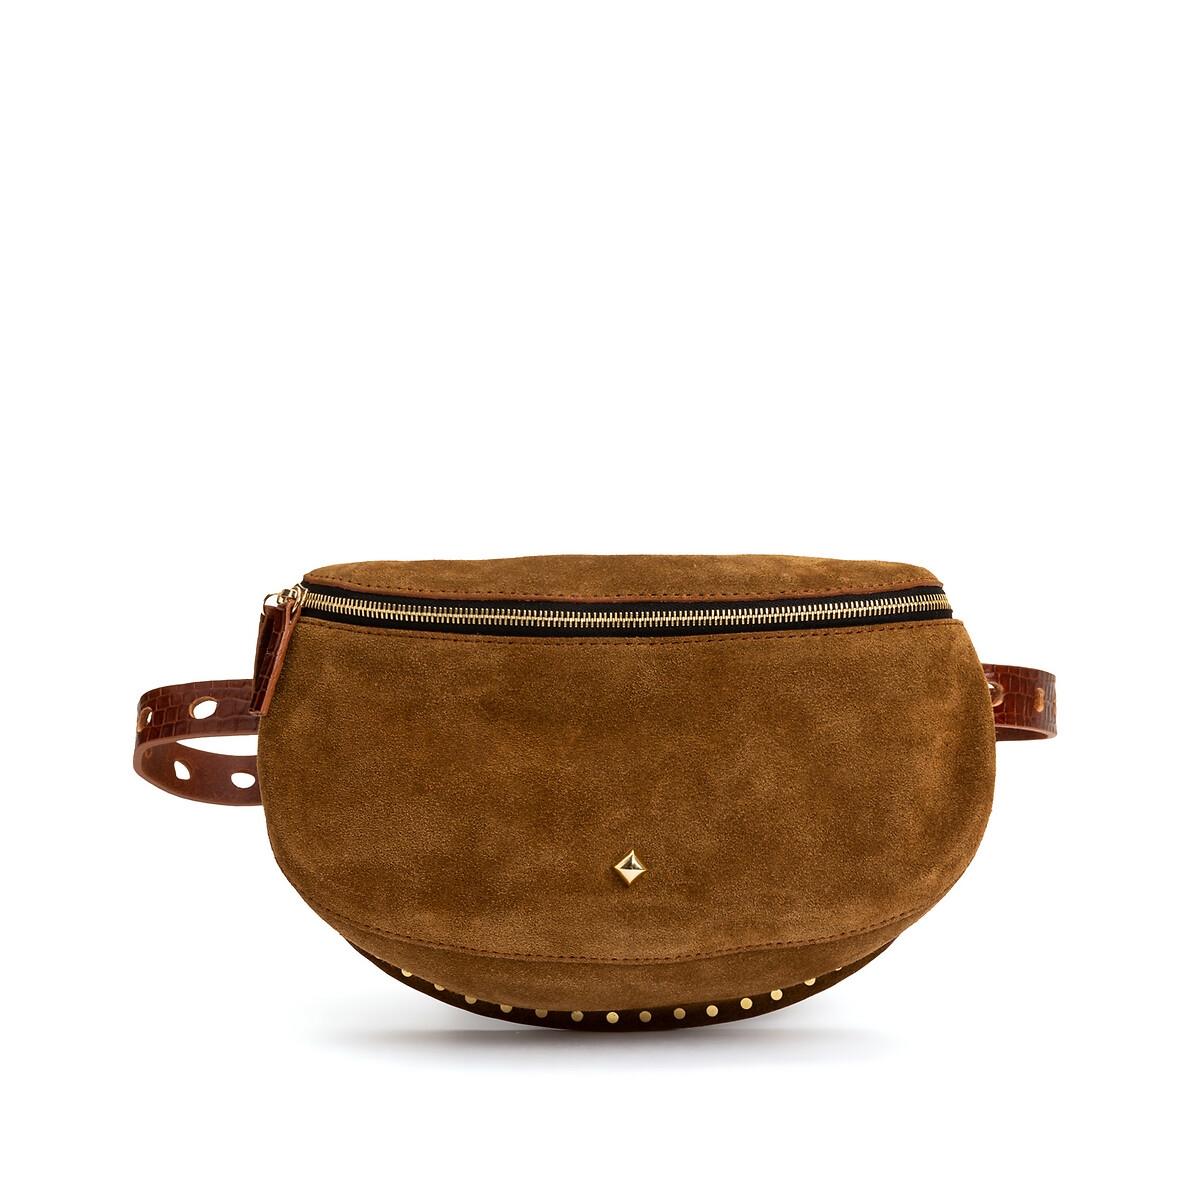 Сумка La Redoute Поясная на молнии из замши LA LILI VELOURS единый размер зеленый gedeon поясная сумка из натуральной кожи песочного цвета